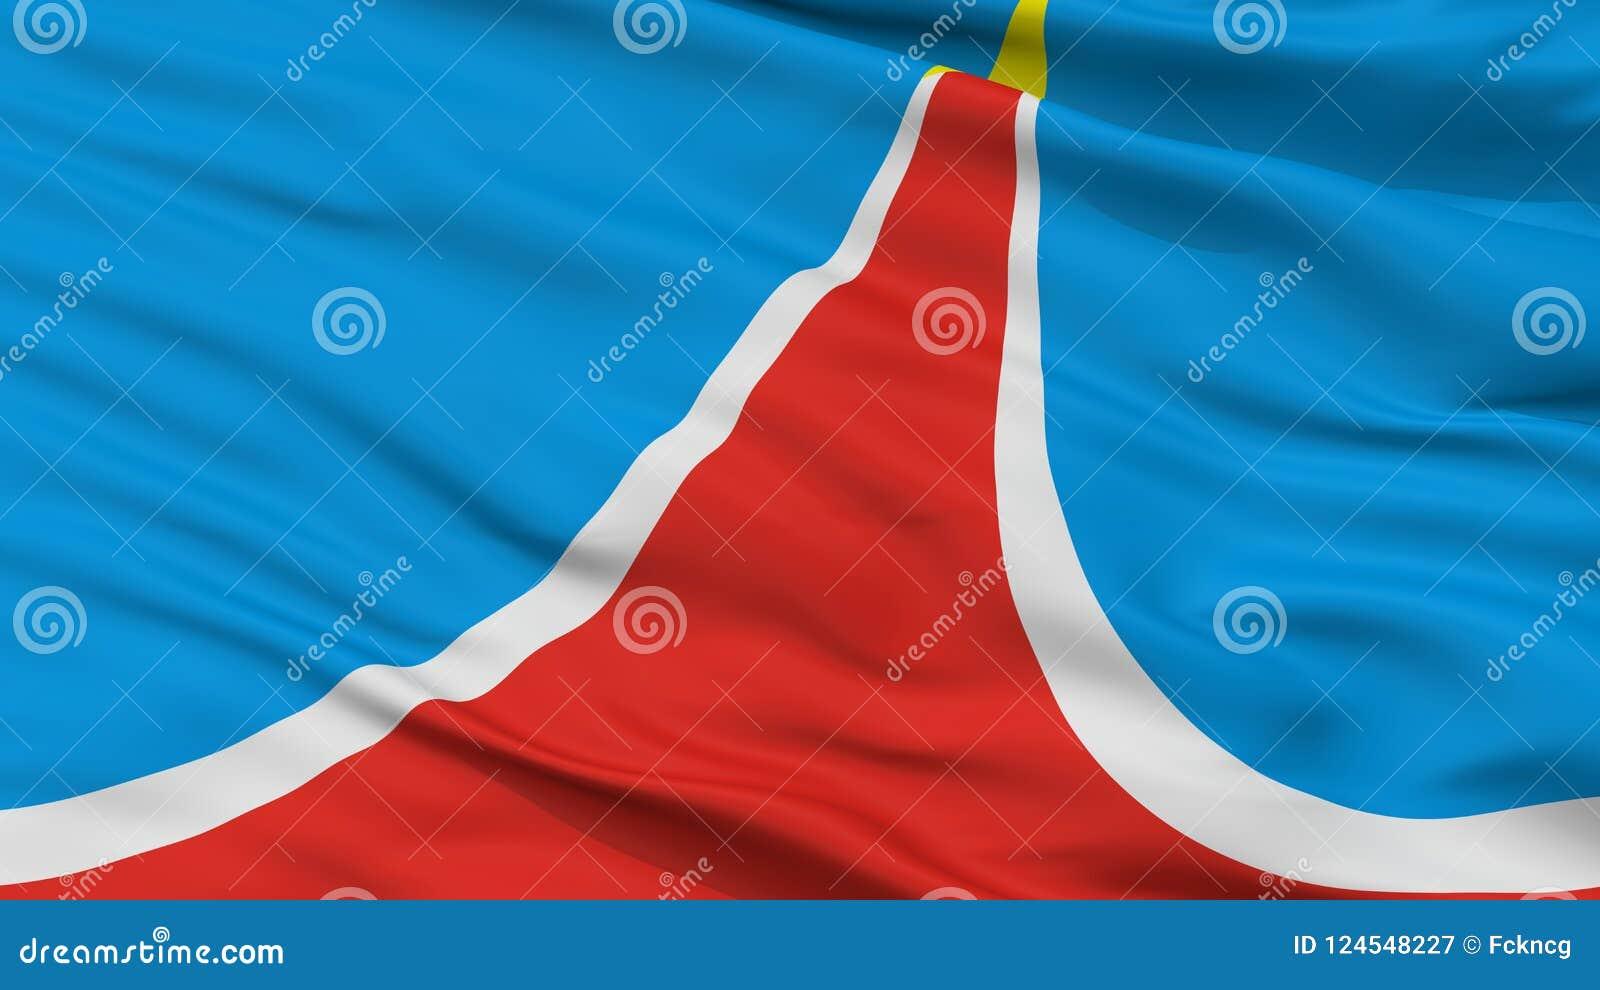 38 flagge russland bild  besten bilder von ausmalbilder